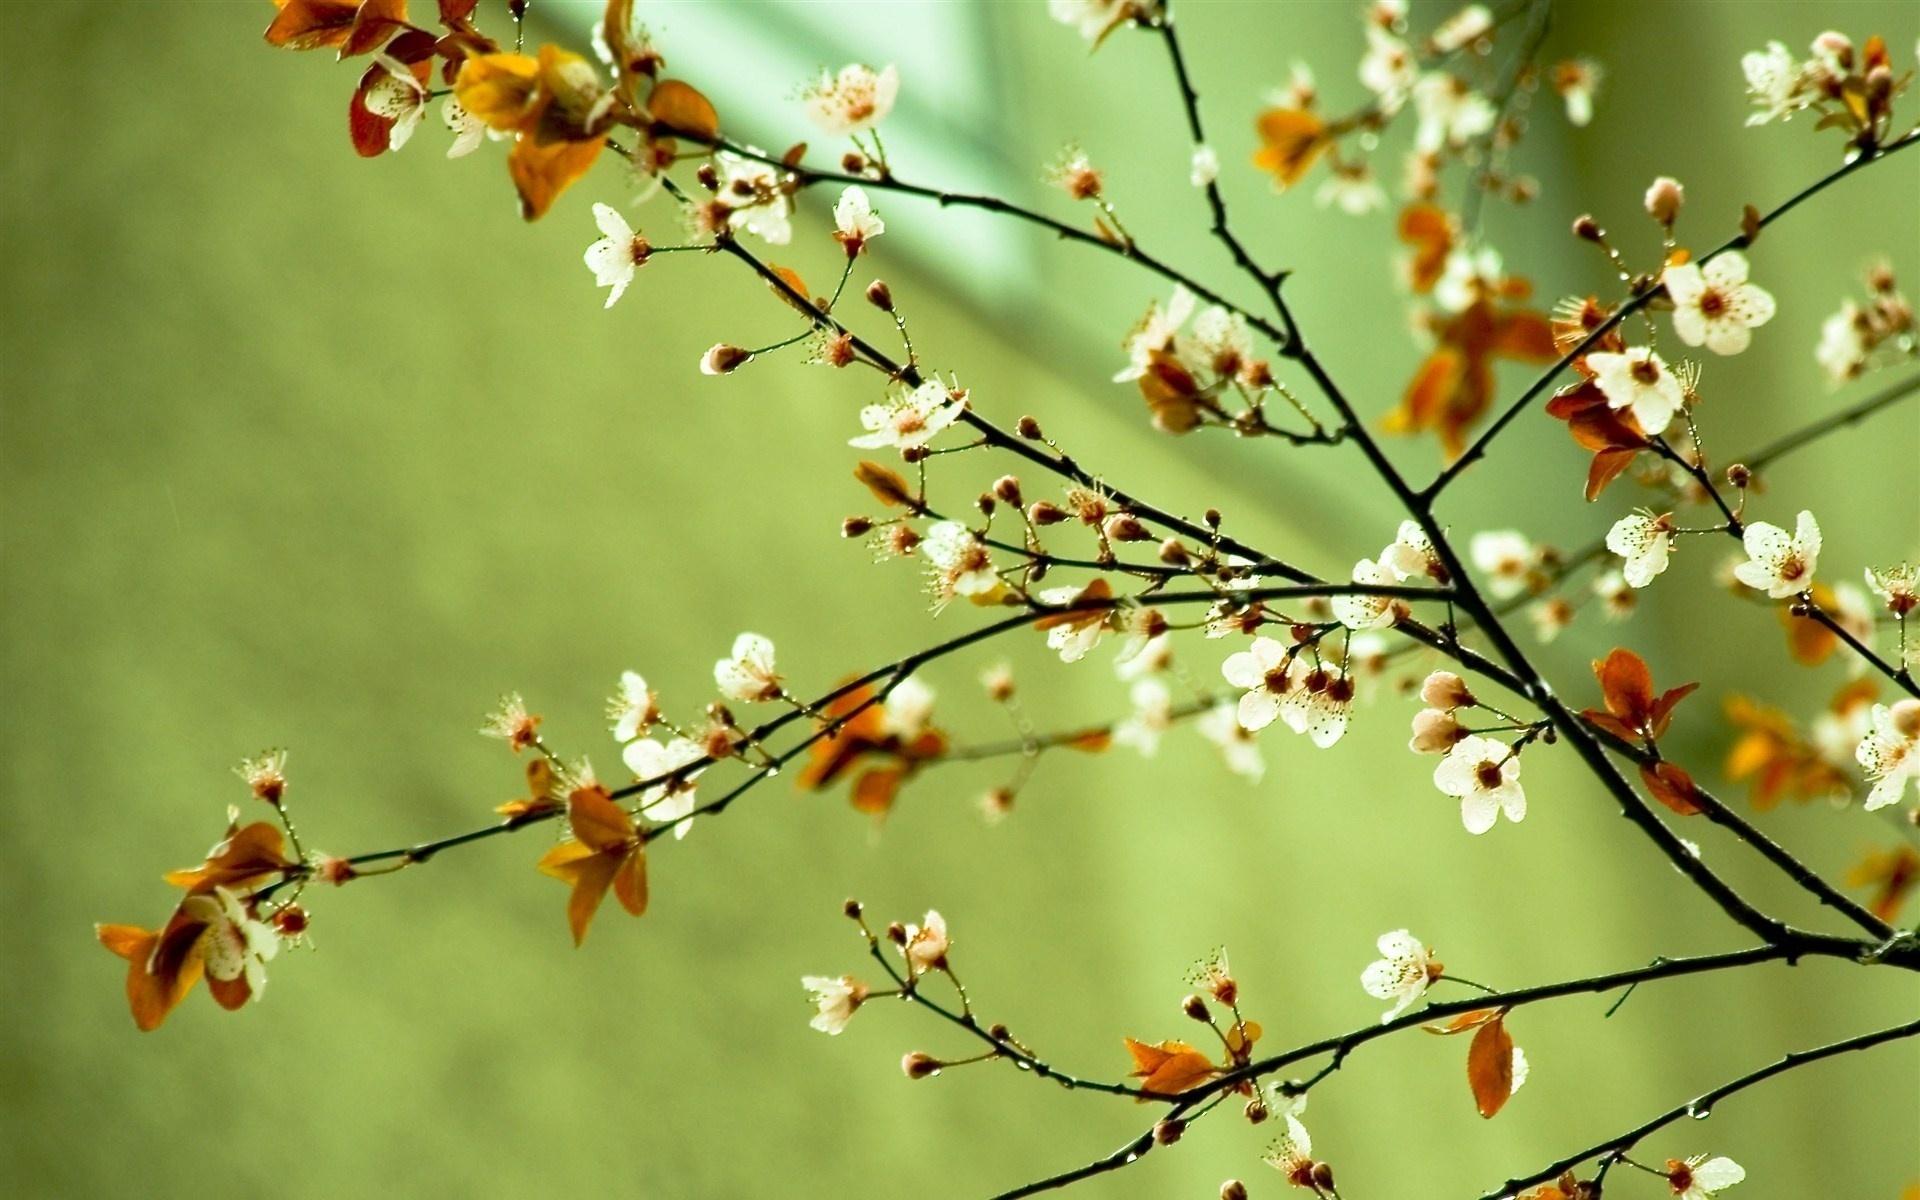 Spring Wallpaper High Res Wallpapersafari